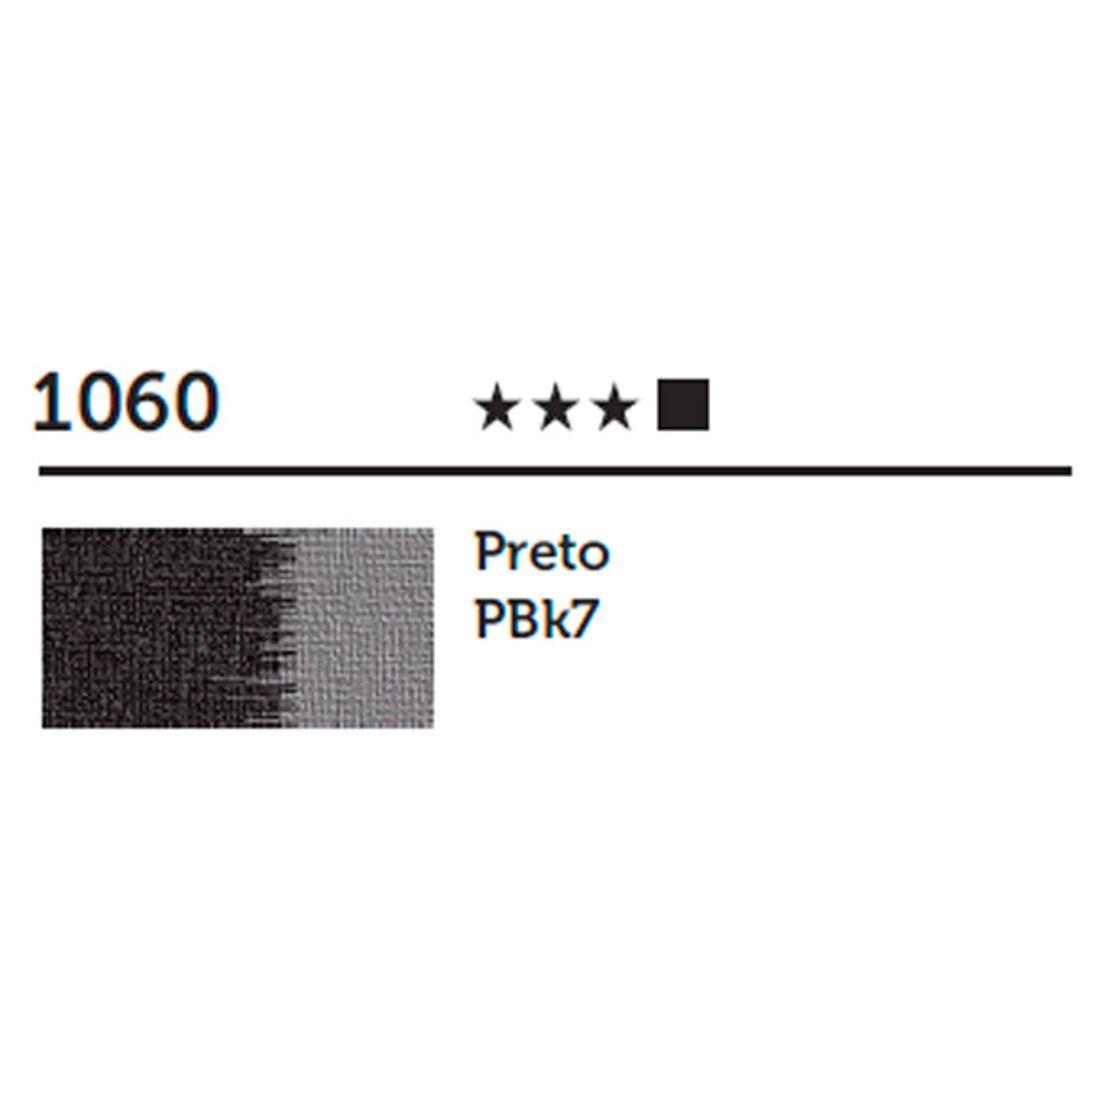 PRETO-2